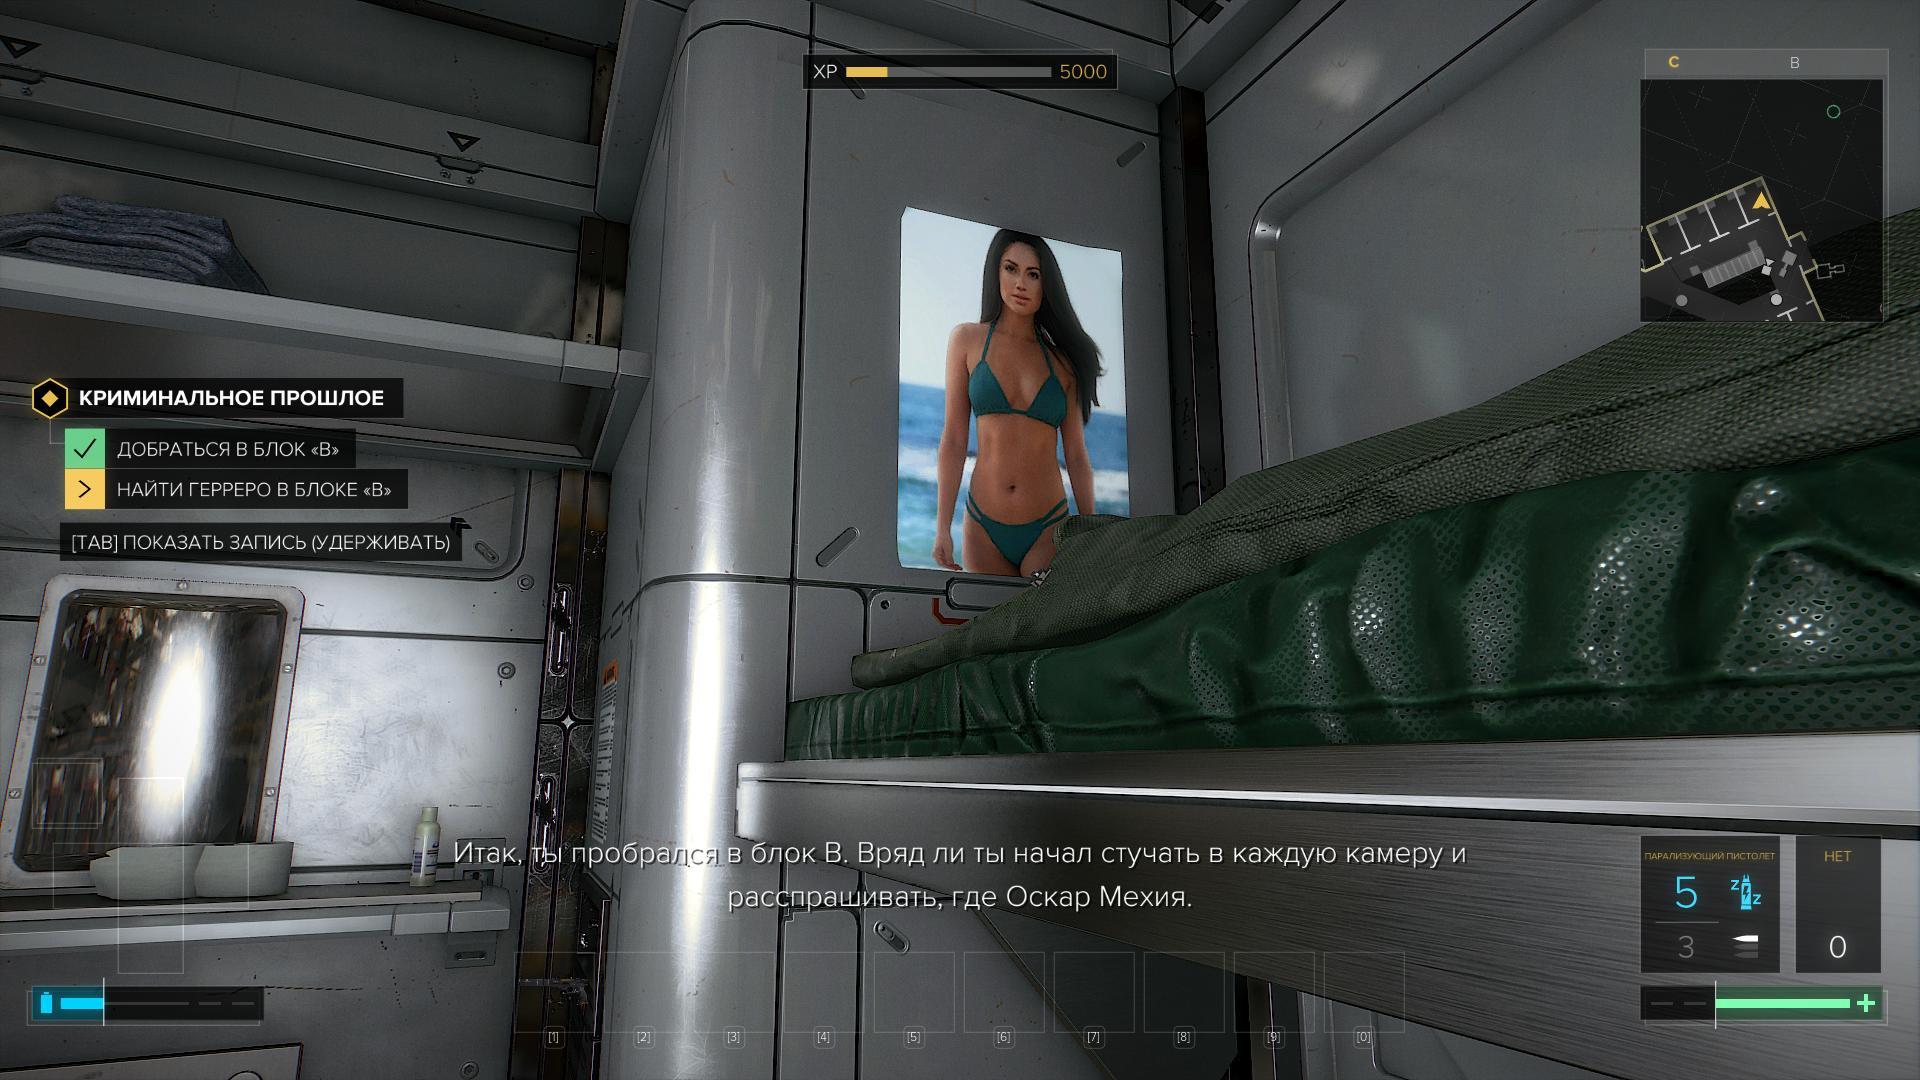 000375.Jpg - Deus Ex: Mankind Divided